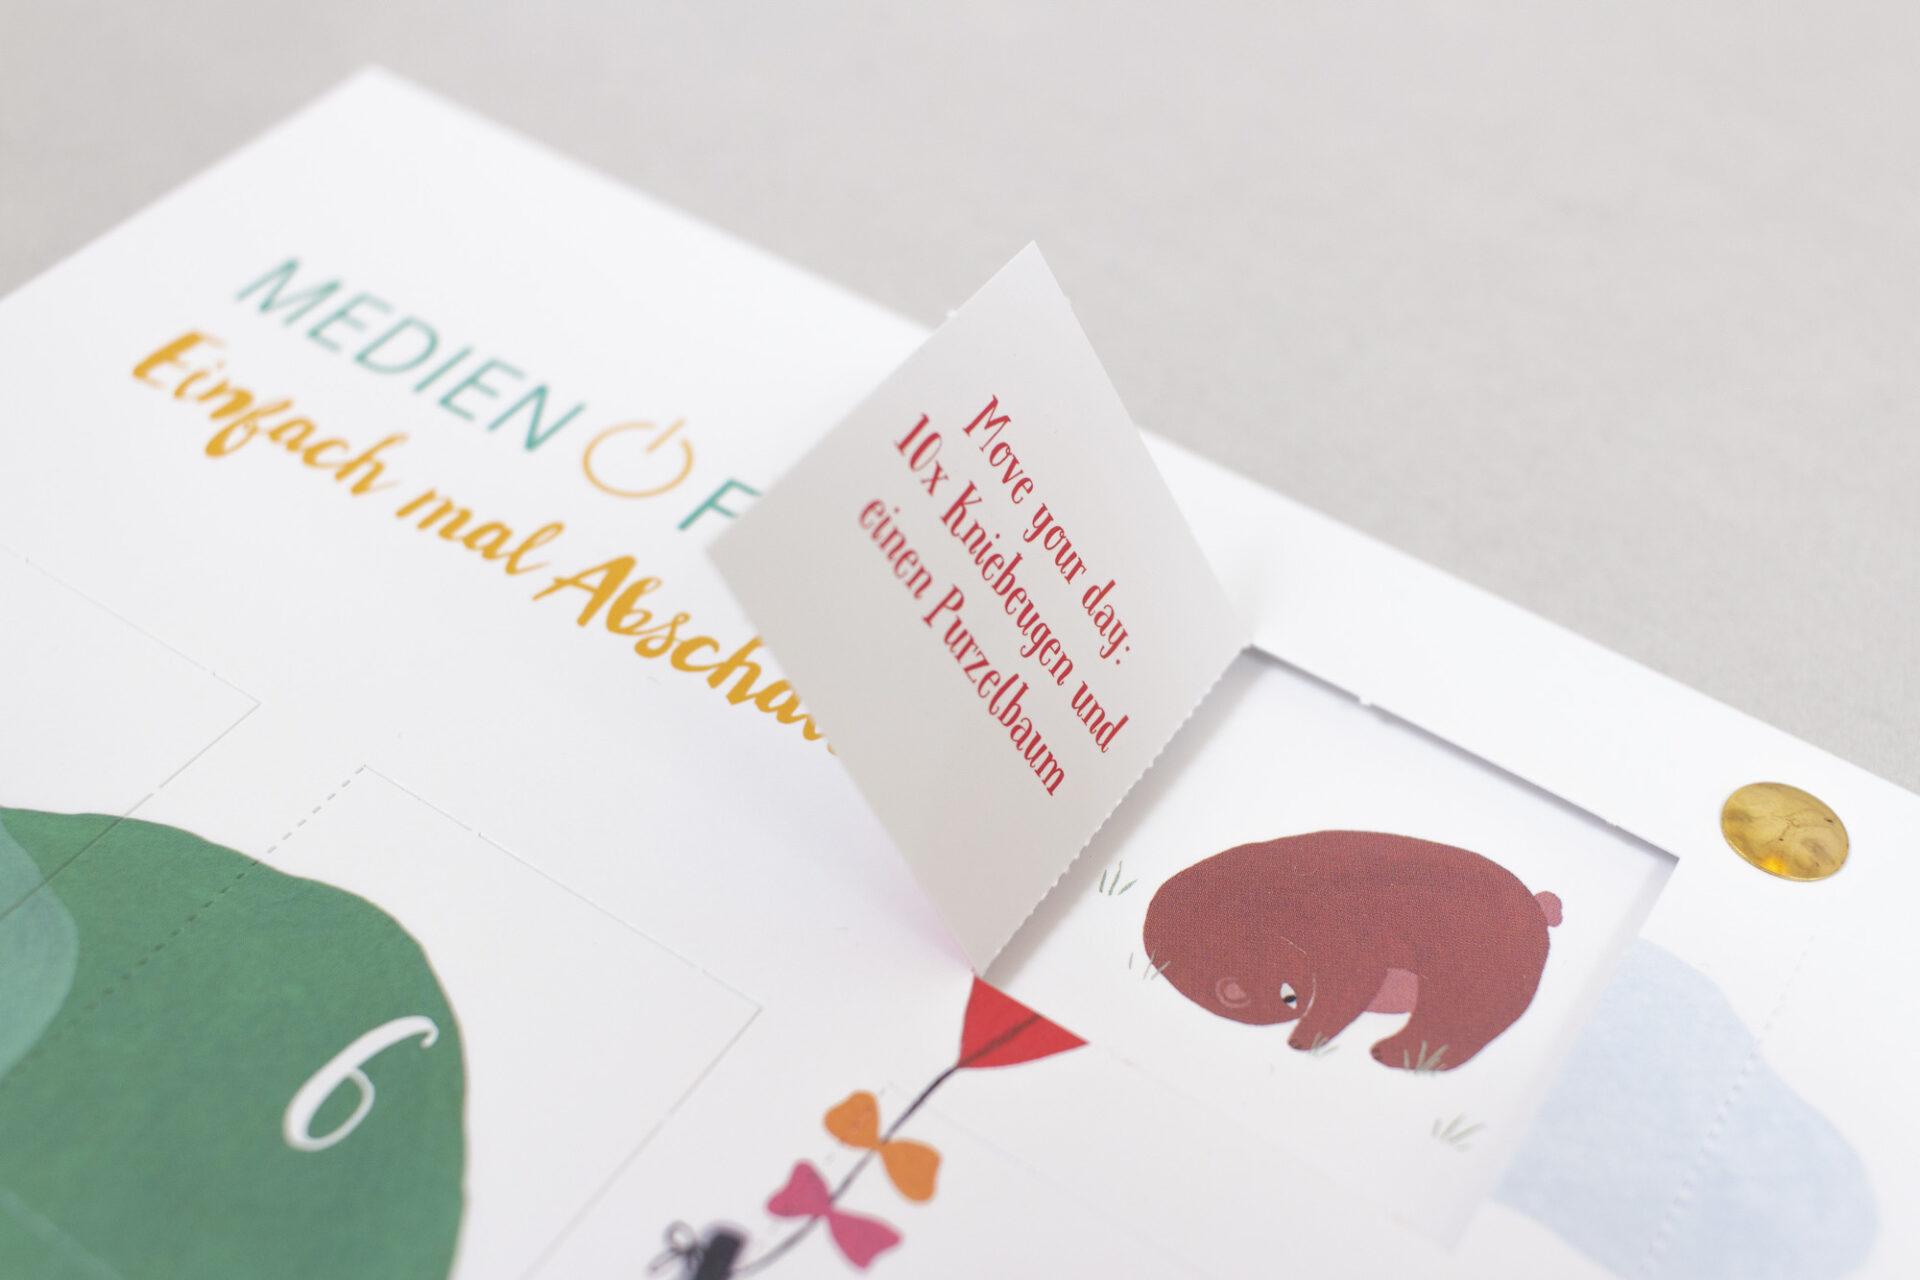 Uni Witten/Herdecke – Medienfasten Set